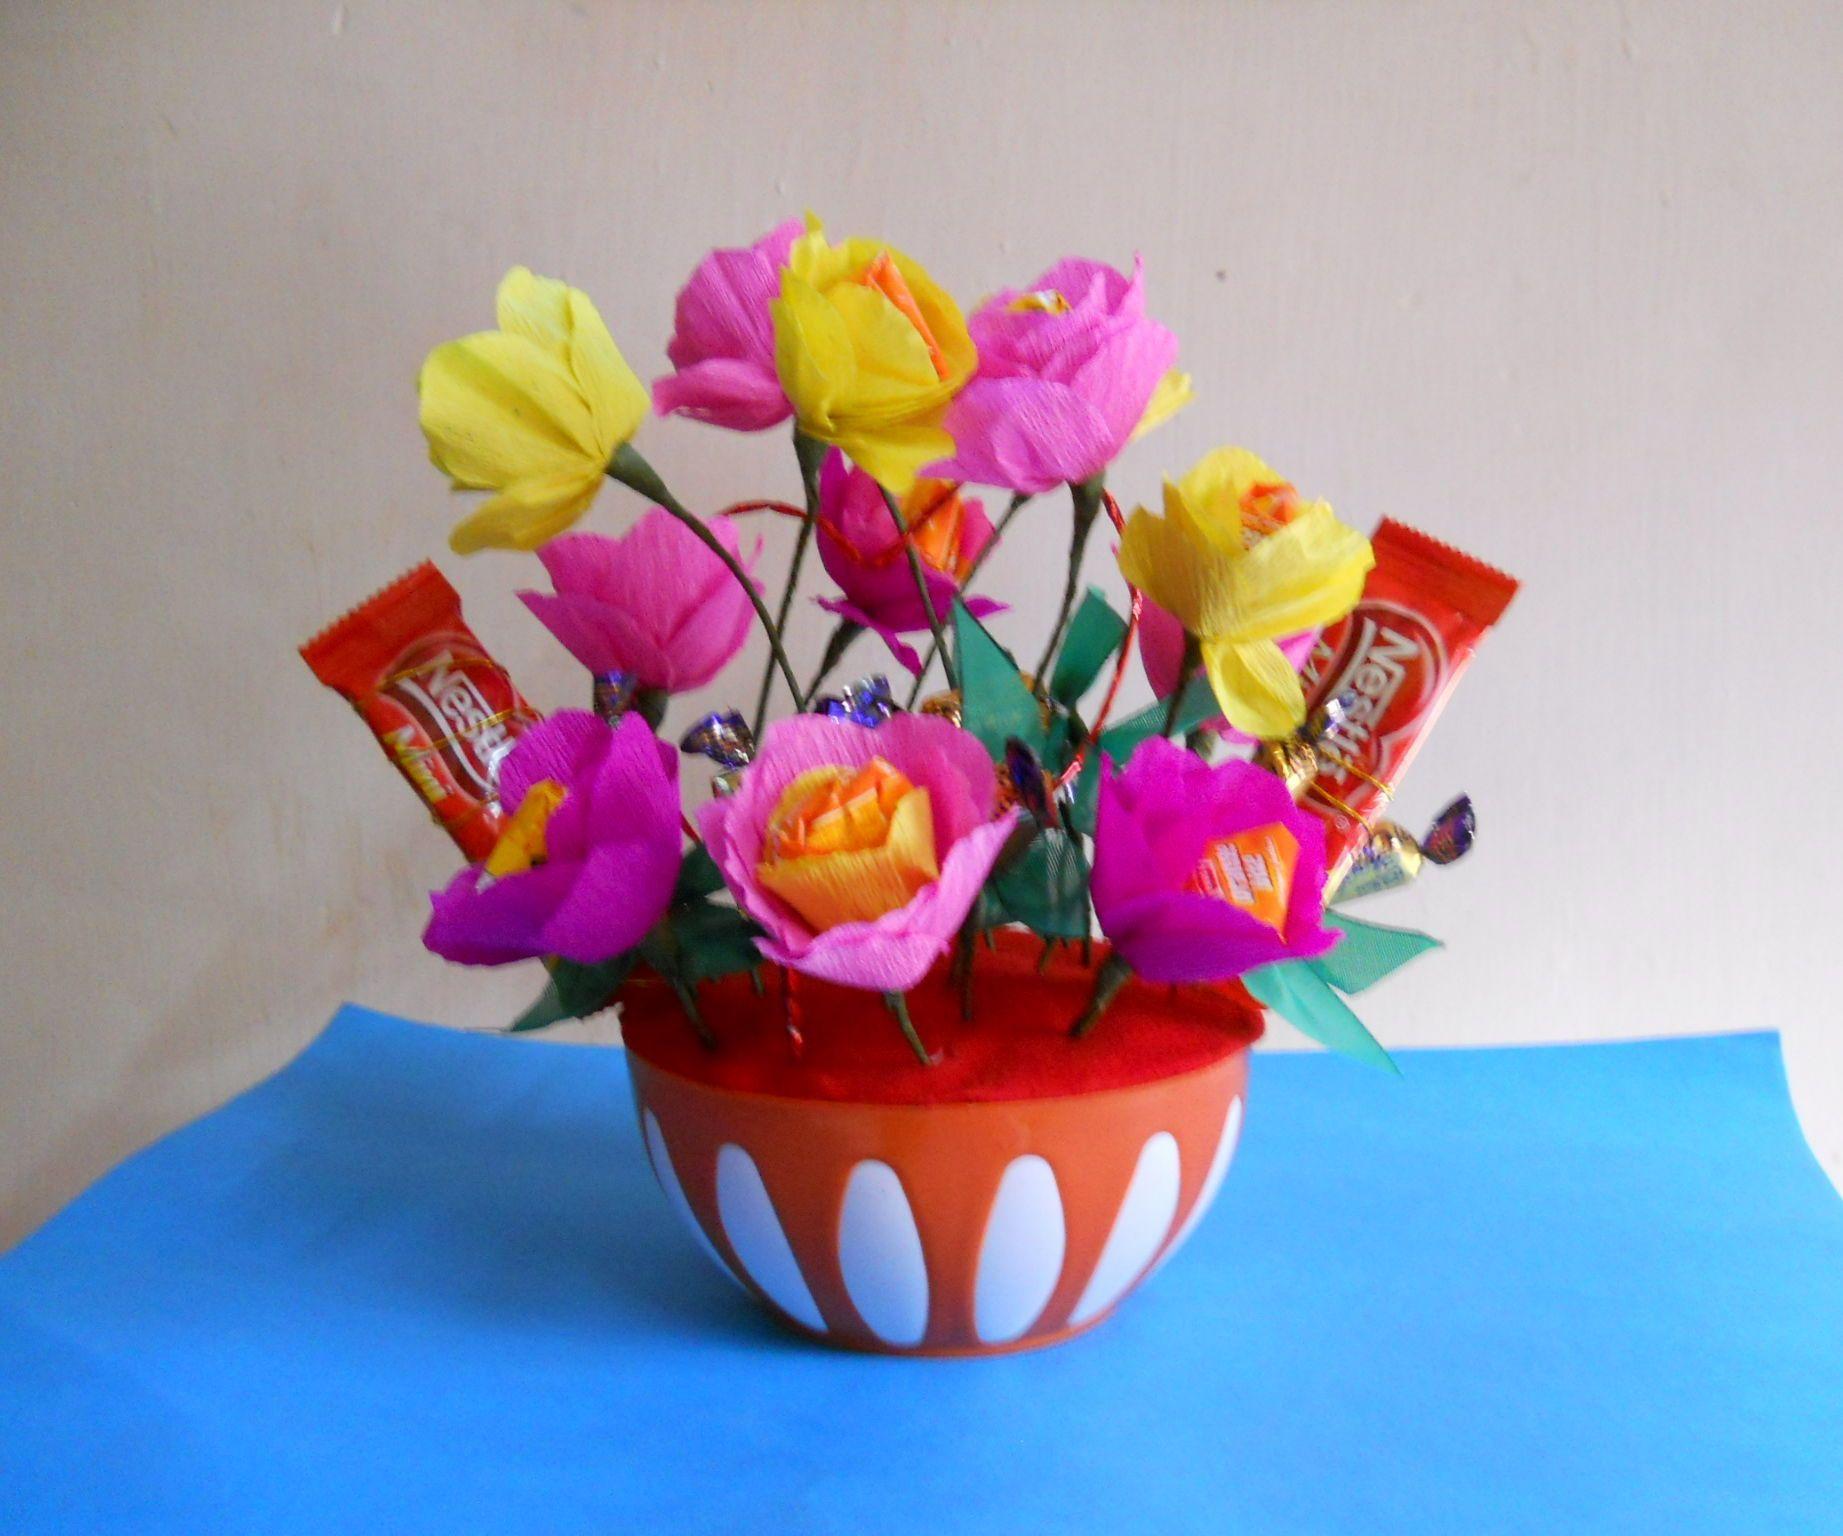 Candy Flower Bouquet | Snow globes/Christmas | Pinterest | Flower ...